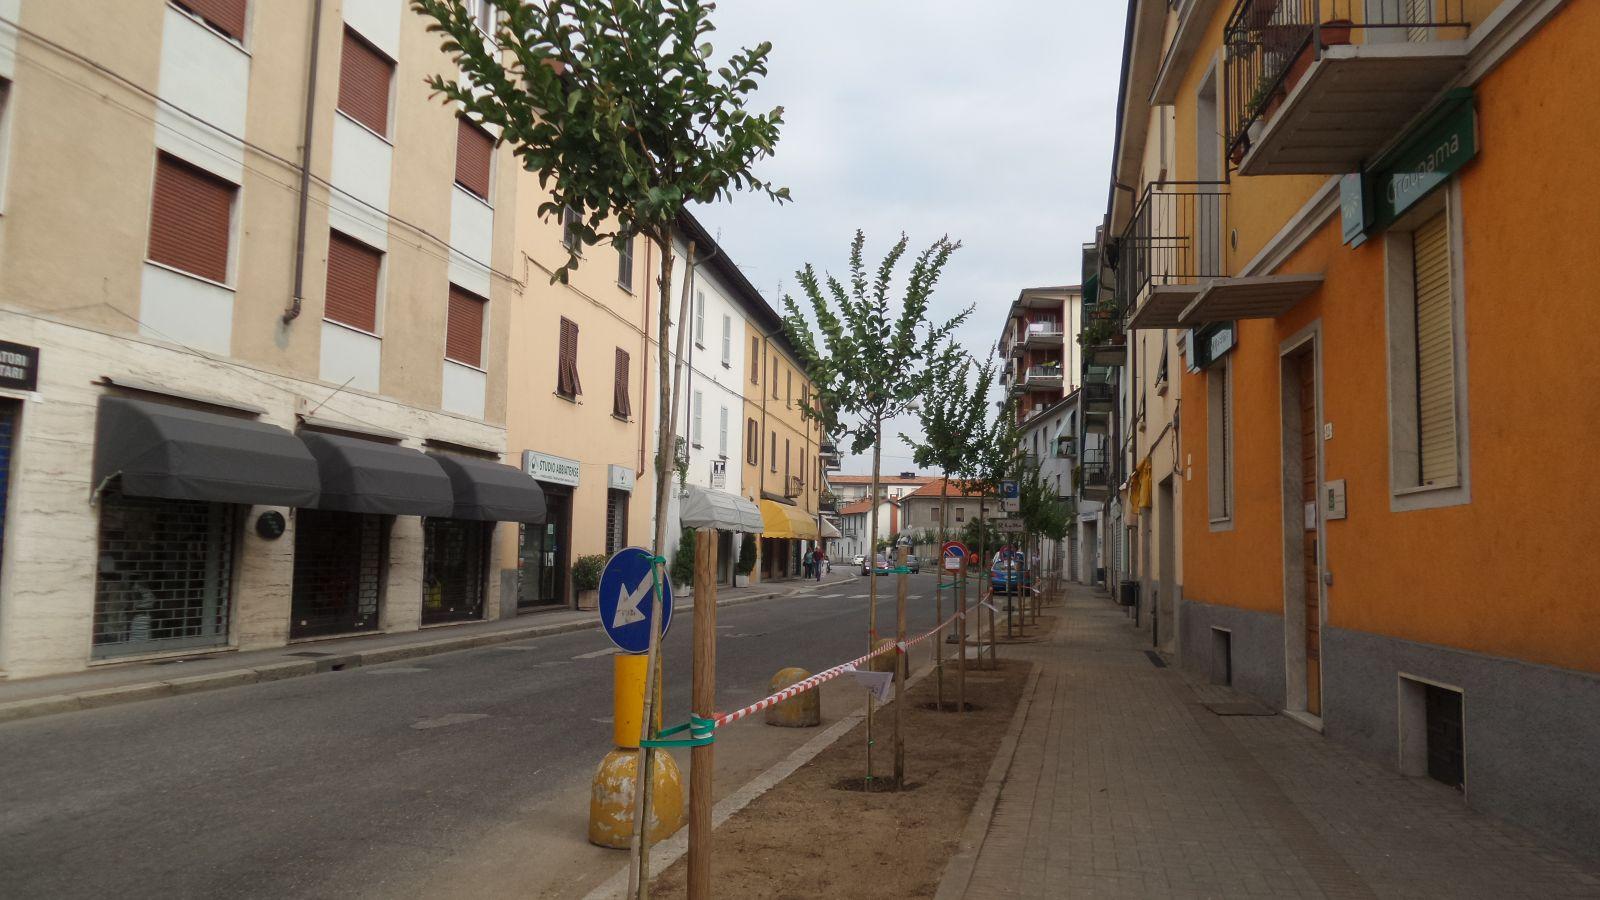 via Novara